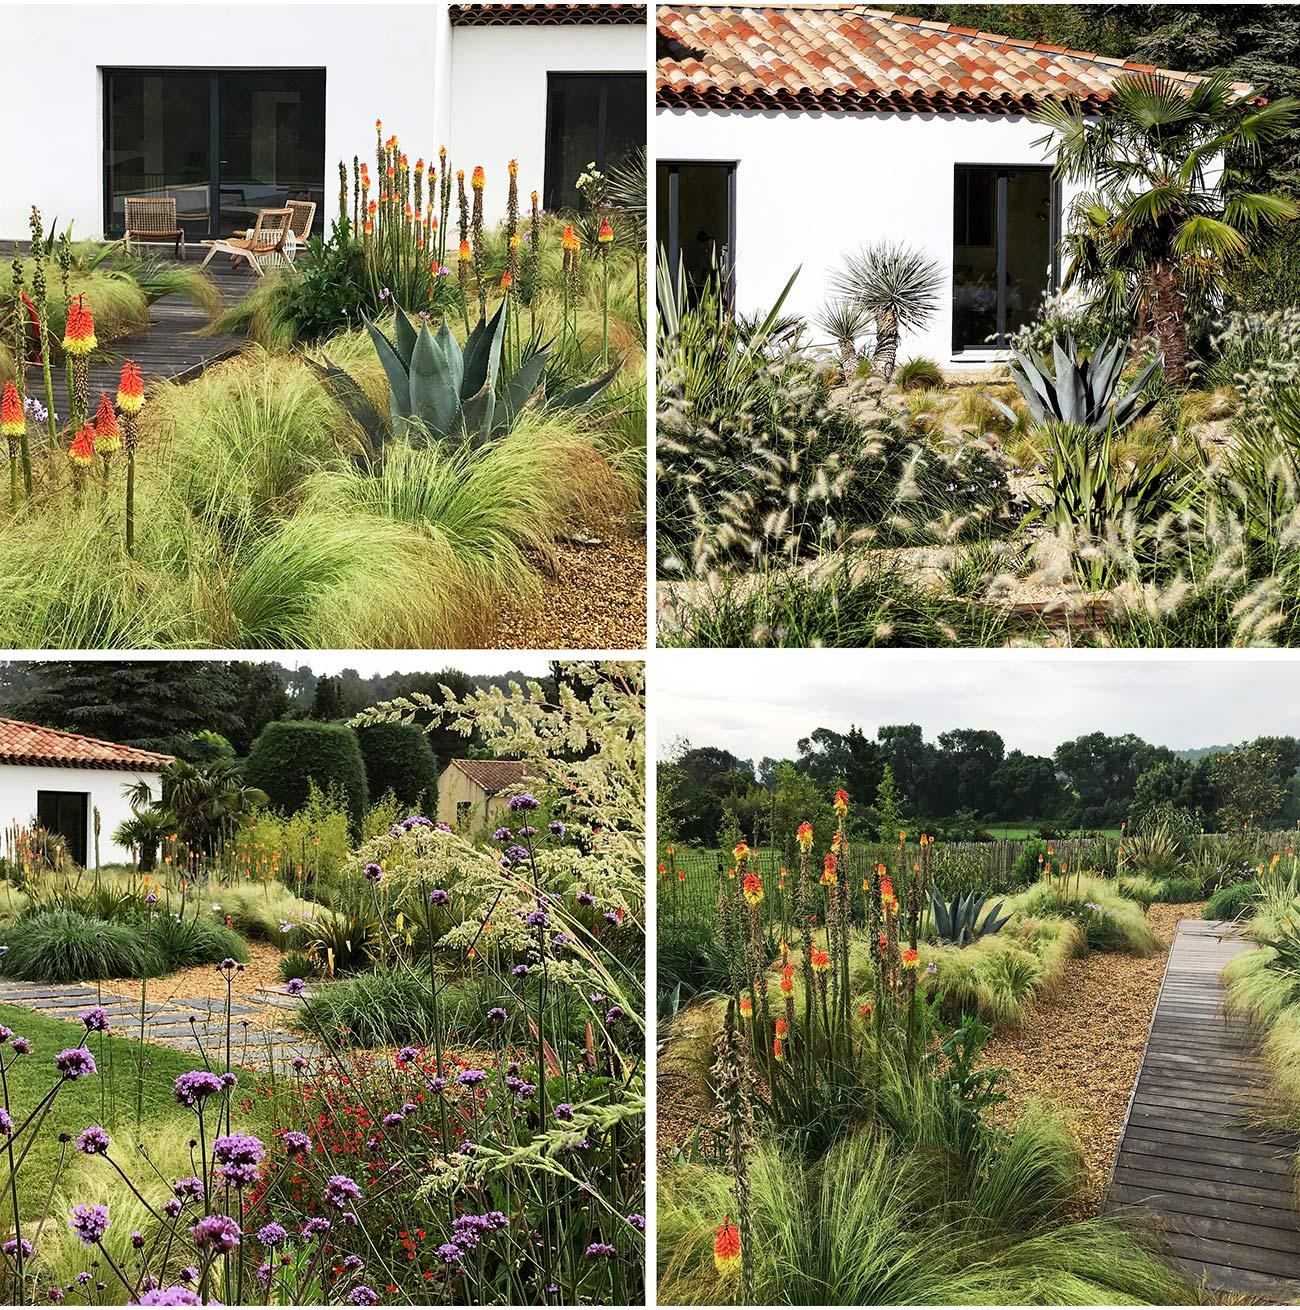 Atelier Naudier - Architecte paysagiste concepteur - Montpellier & Aix-en-Provence - AMBIANCE JARDIN EXOTIQUE MÉDITERRANÉEN - Aménagement jardin